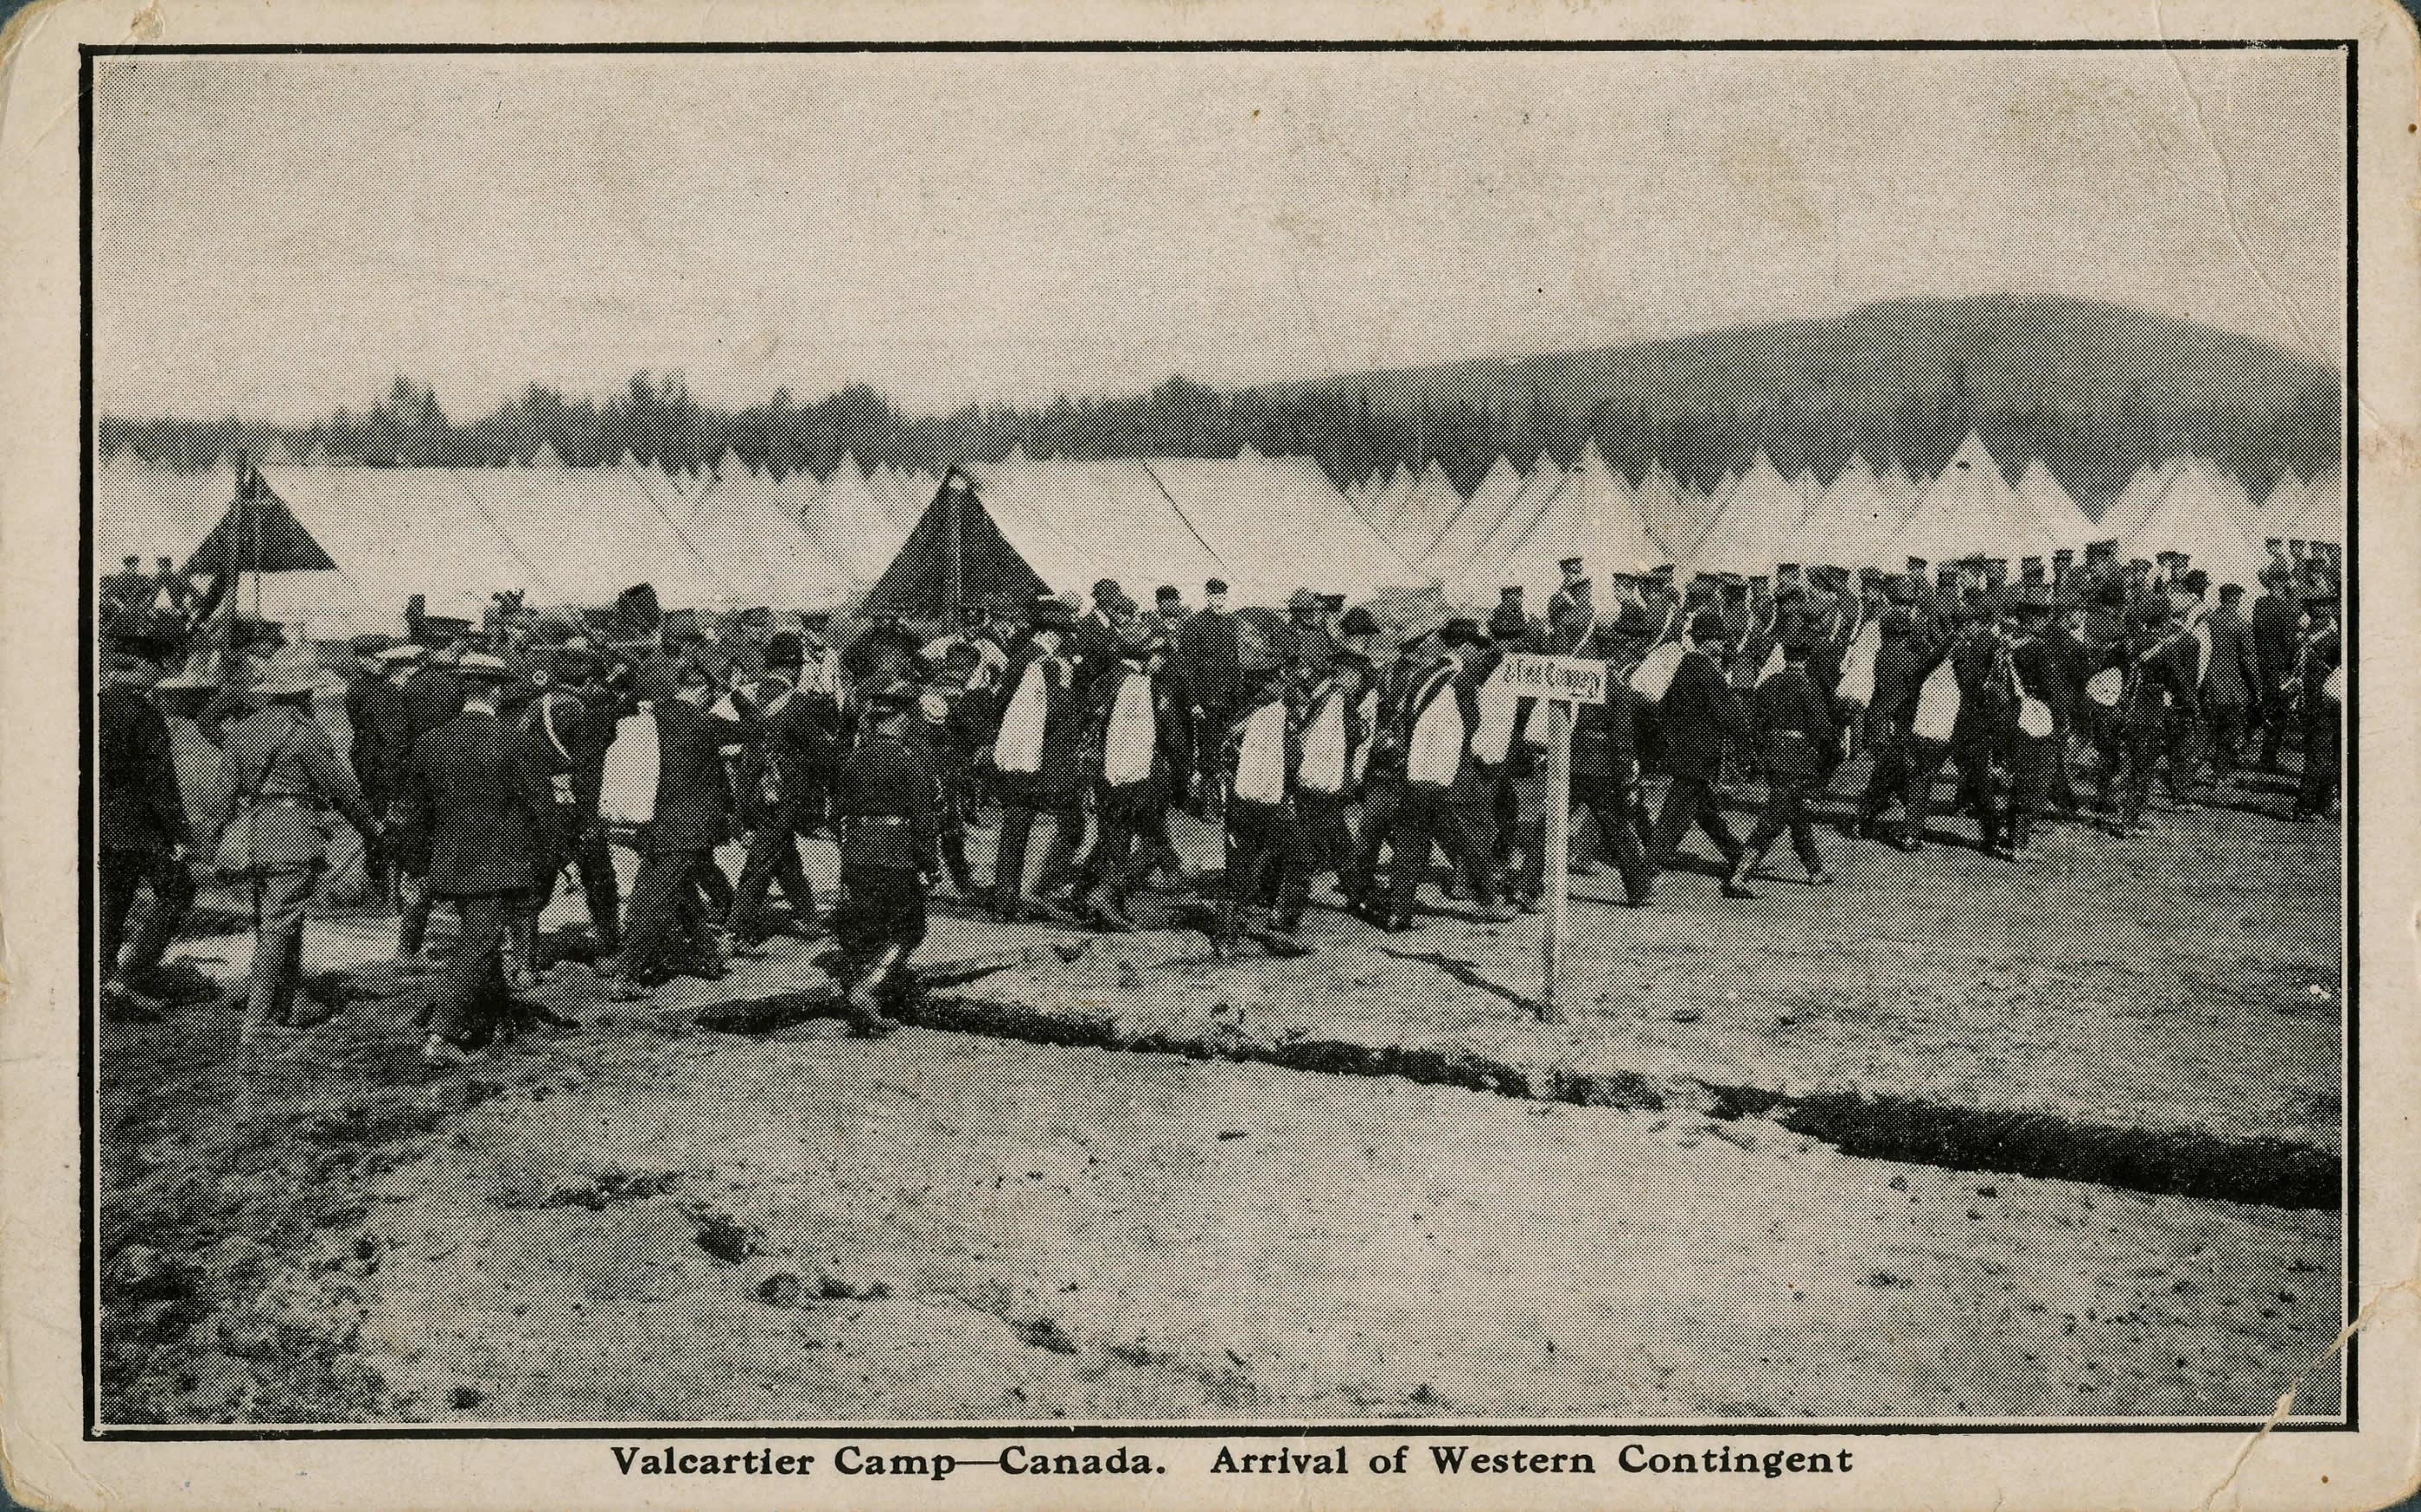 Arrivée du contingent de l'Ouest, Valcartier